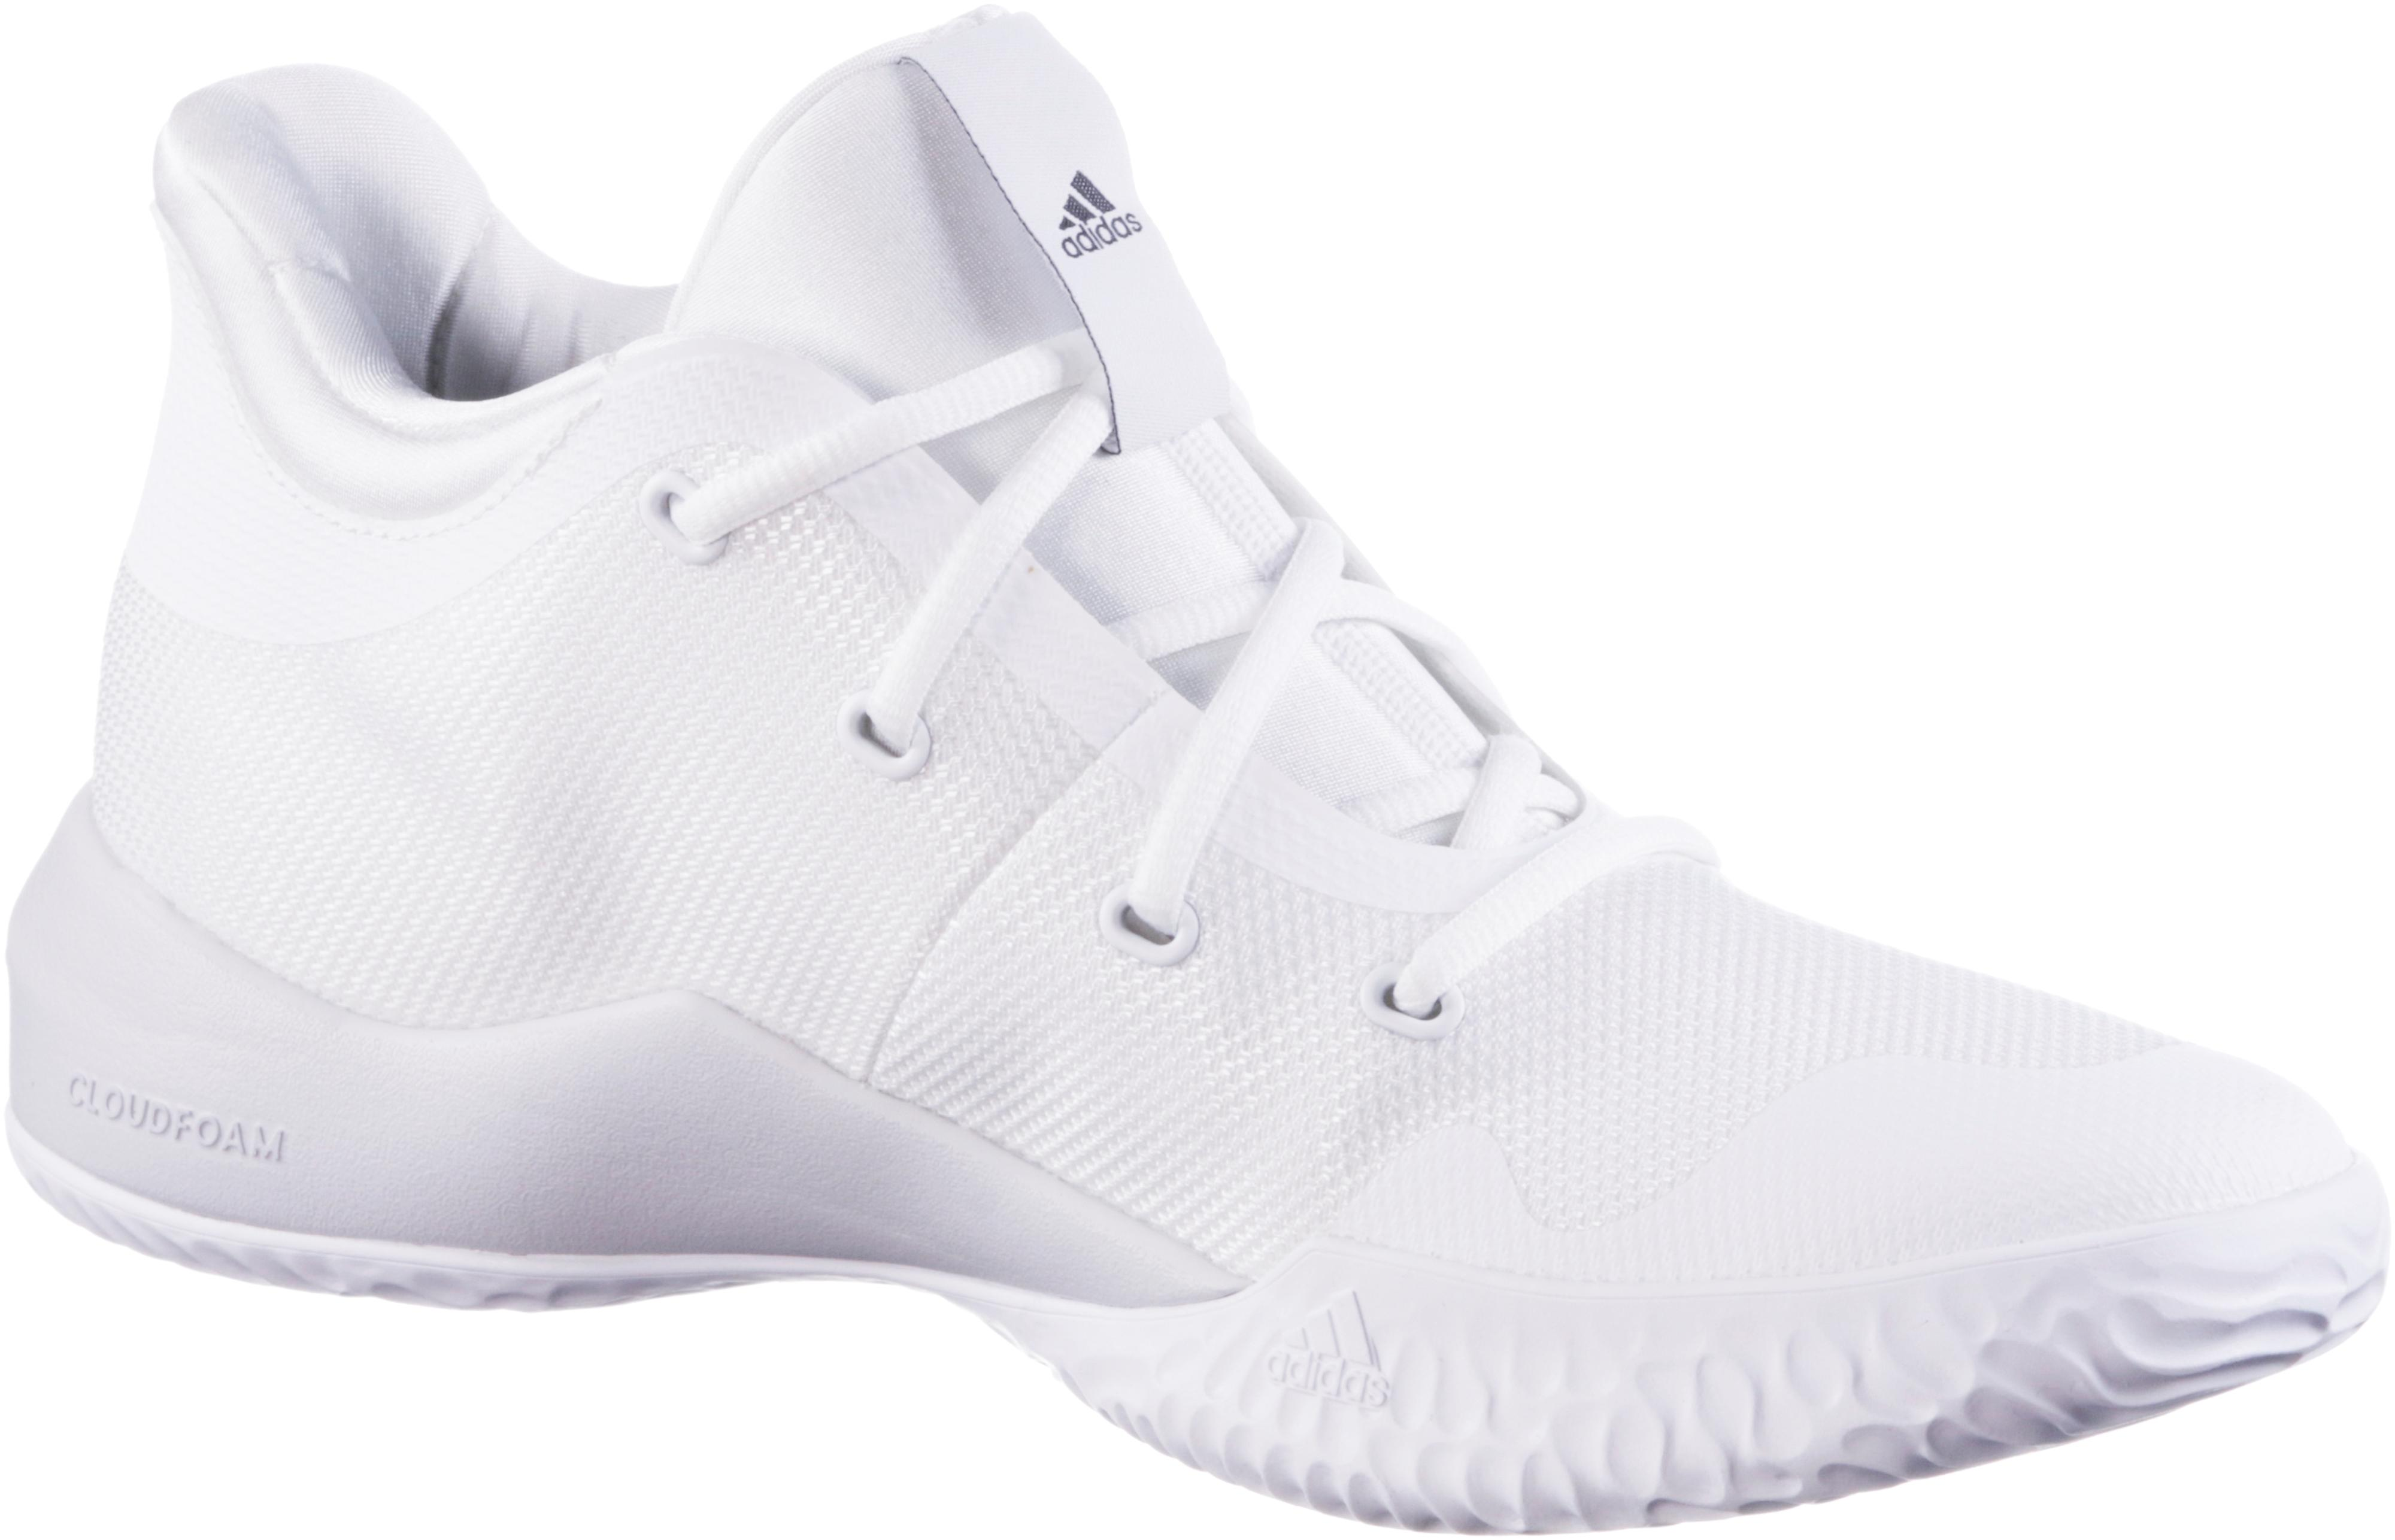 Adidas Rise Up2 Turnschuhe Herren ftwr Weiß im Online Online Online Shop von SportScheck kaufen Gute Qualität beliebte Schuhe 3044e9